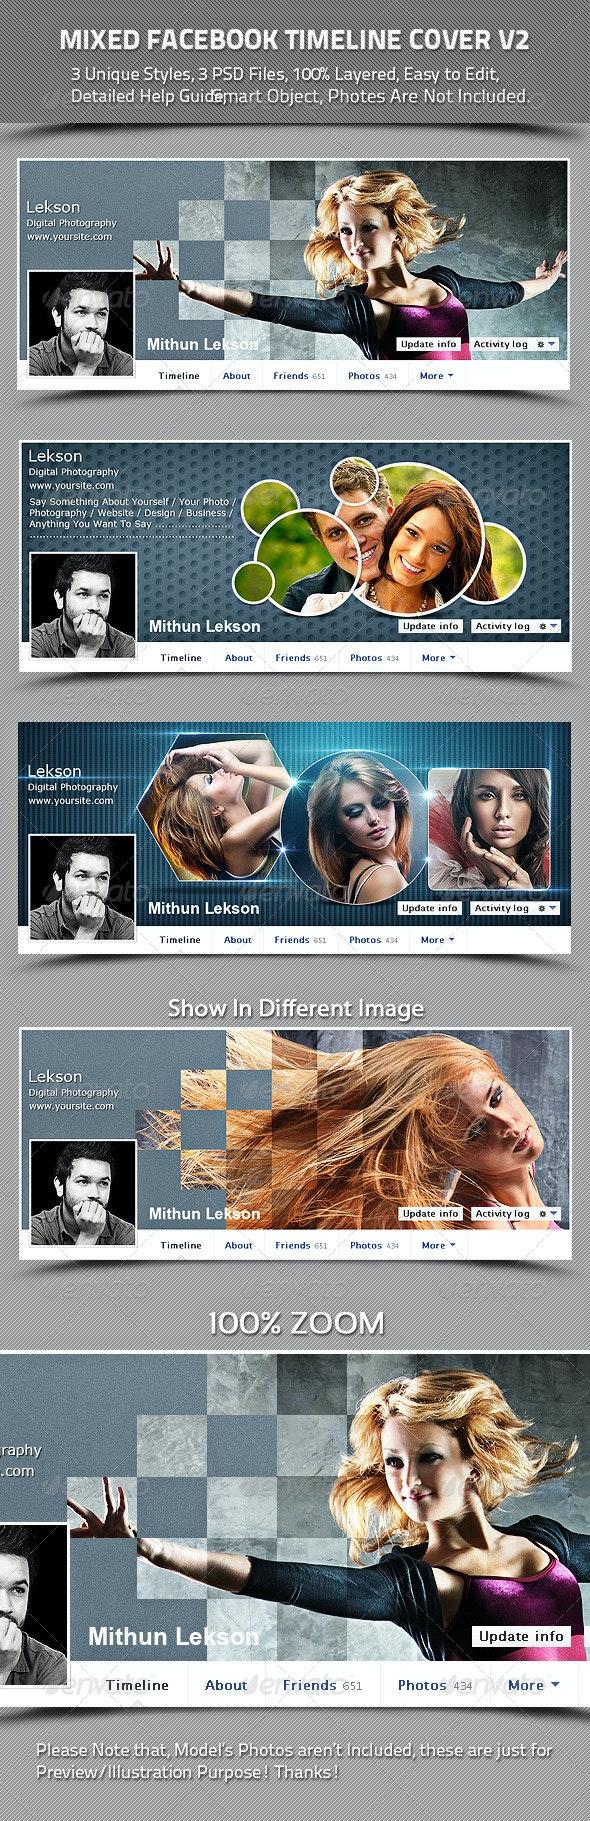 Mixed Facebook Timeline Cover V2 - Facebook Timeline Covers Social Media